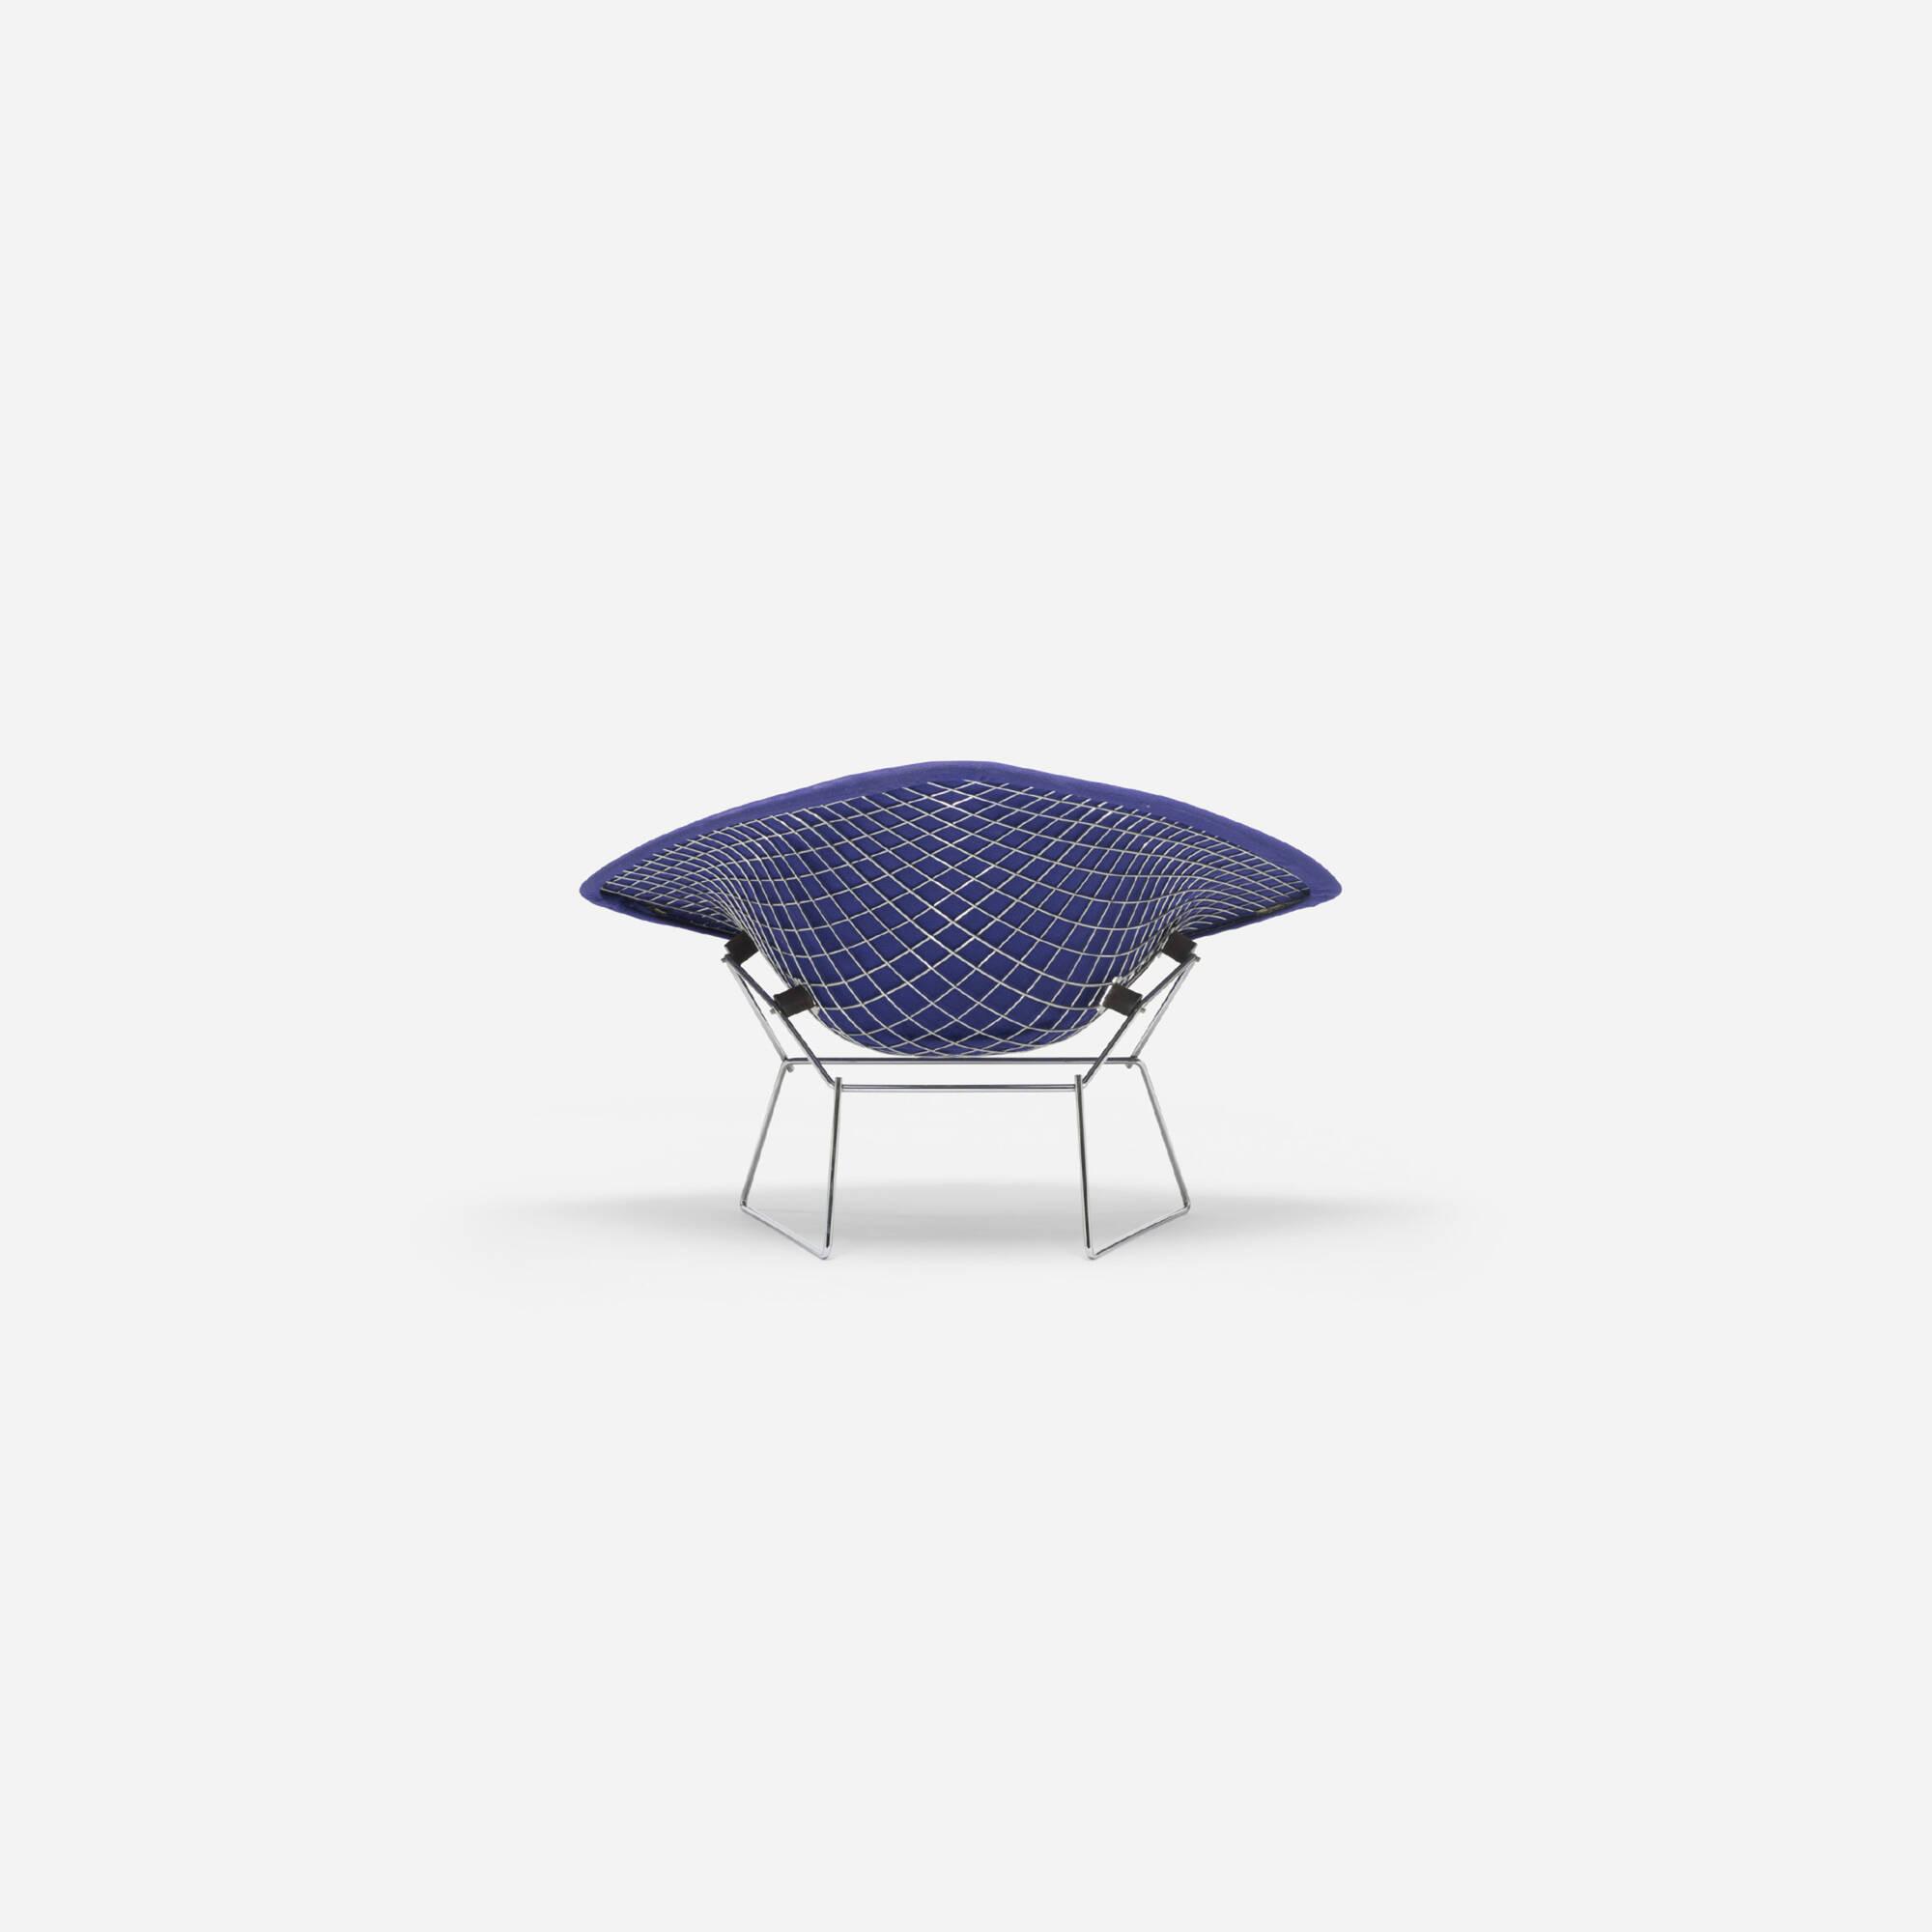 Stupendous 154 Harry Bertoia Diamond Lounge Chair Mass Modern 14 Alphanode Cool Chair Designs And Ideas Alphanodeonline